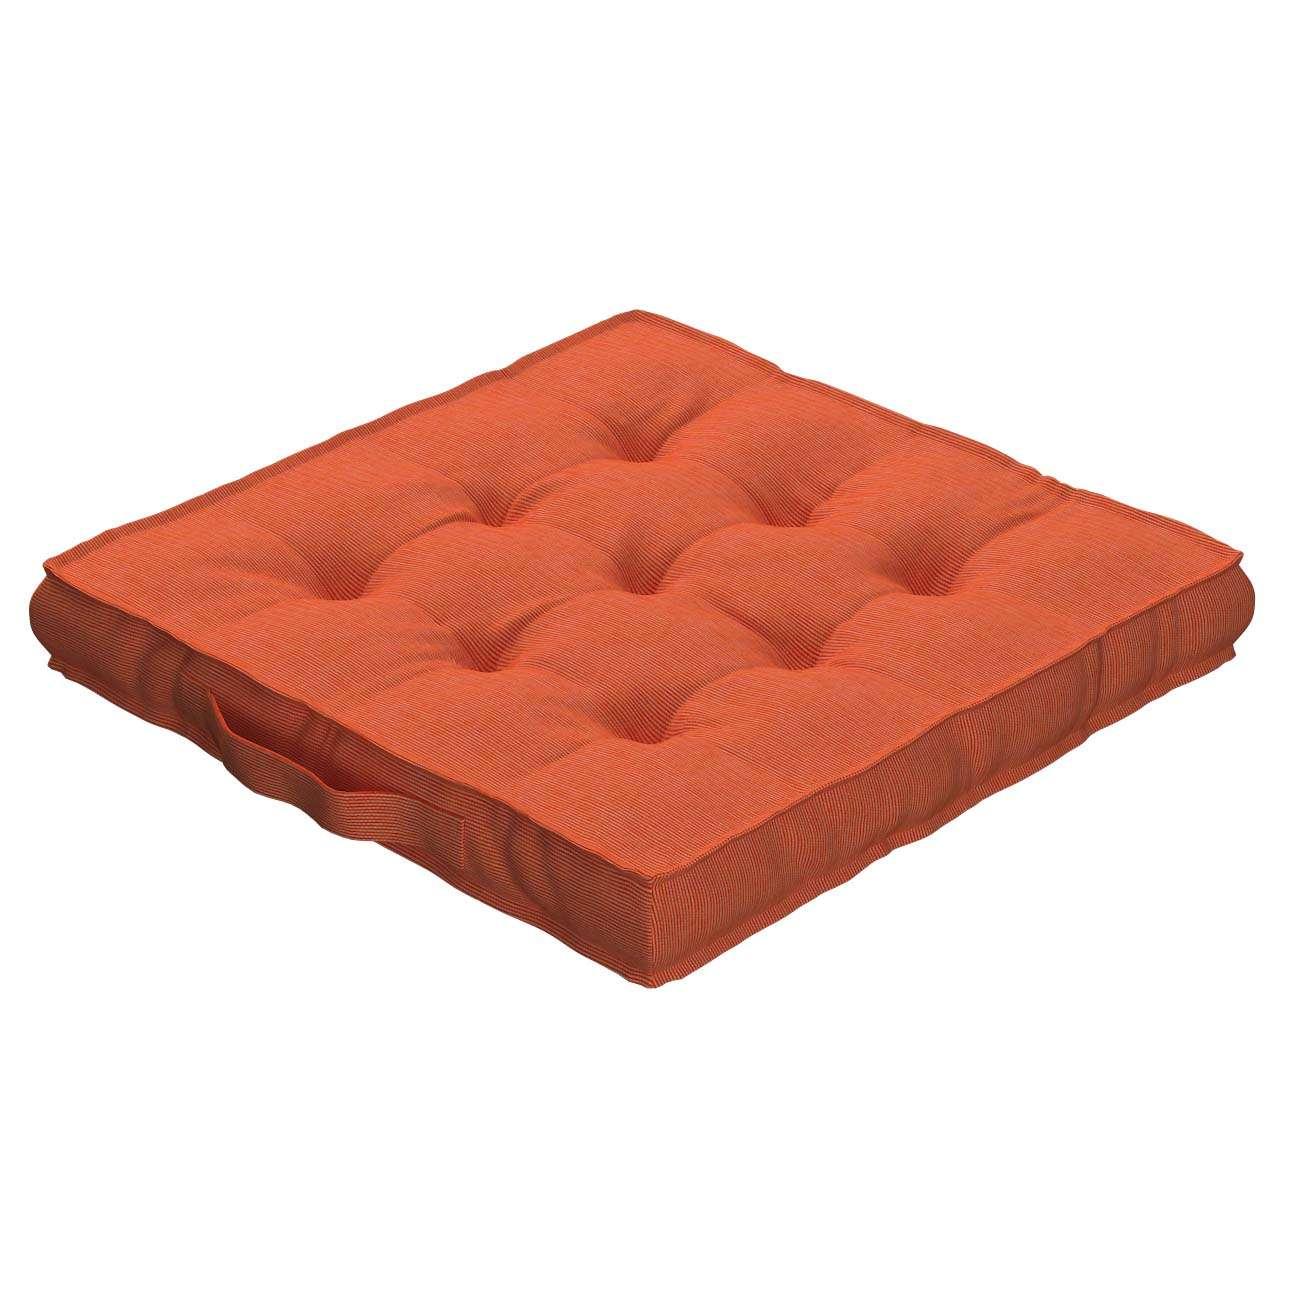 Pagalvėlė Kuba kėdei/ant grindų 40 x 40 x 6 cm kolekcijoje Jupiter, audinys: 127-35